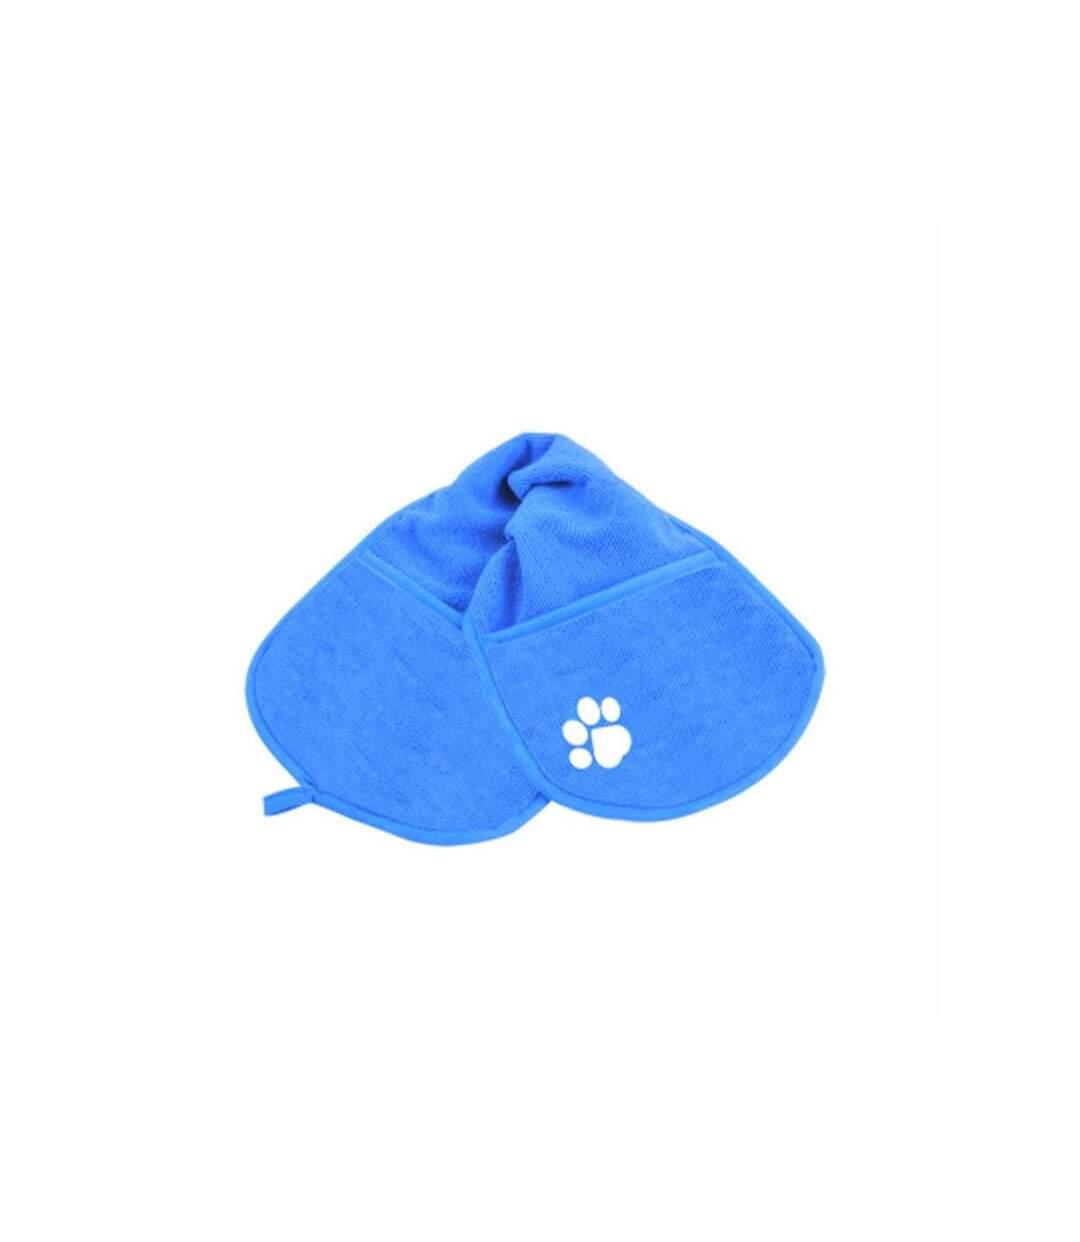 Paris Prix - Serviette De Bain Pour Chien doggy 63cm Bleu